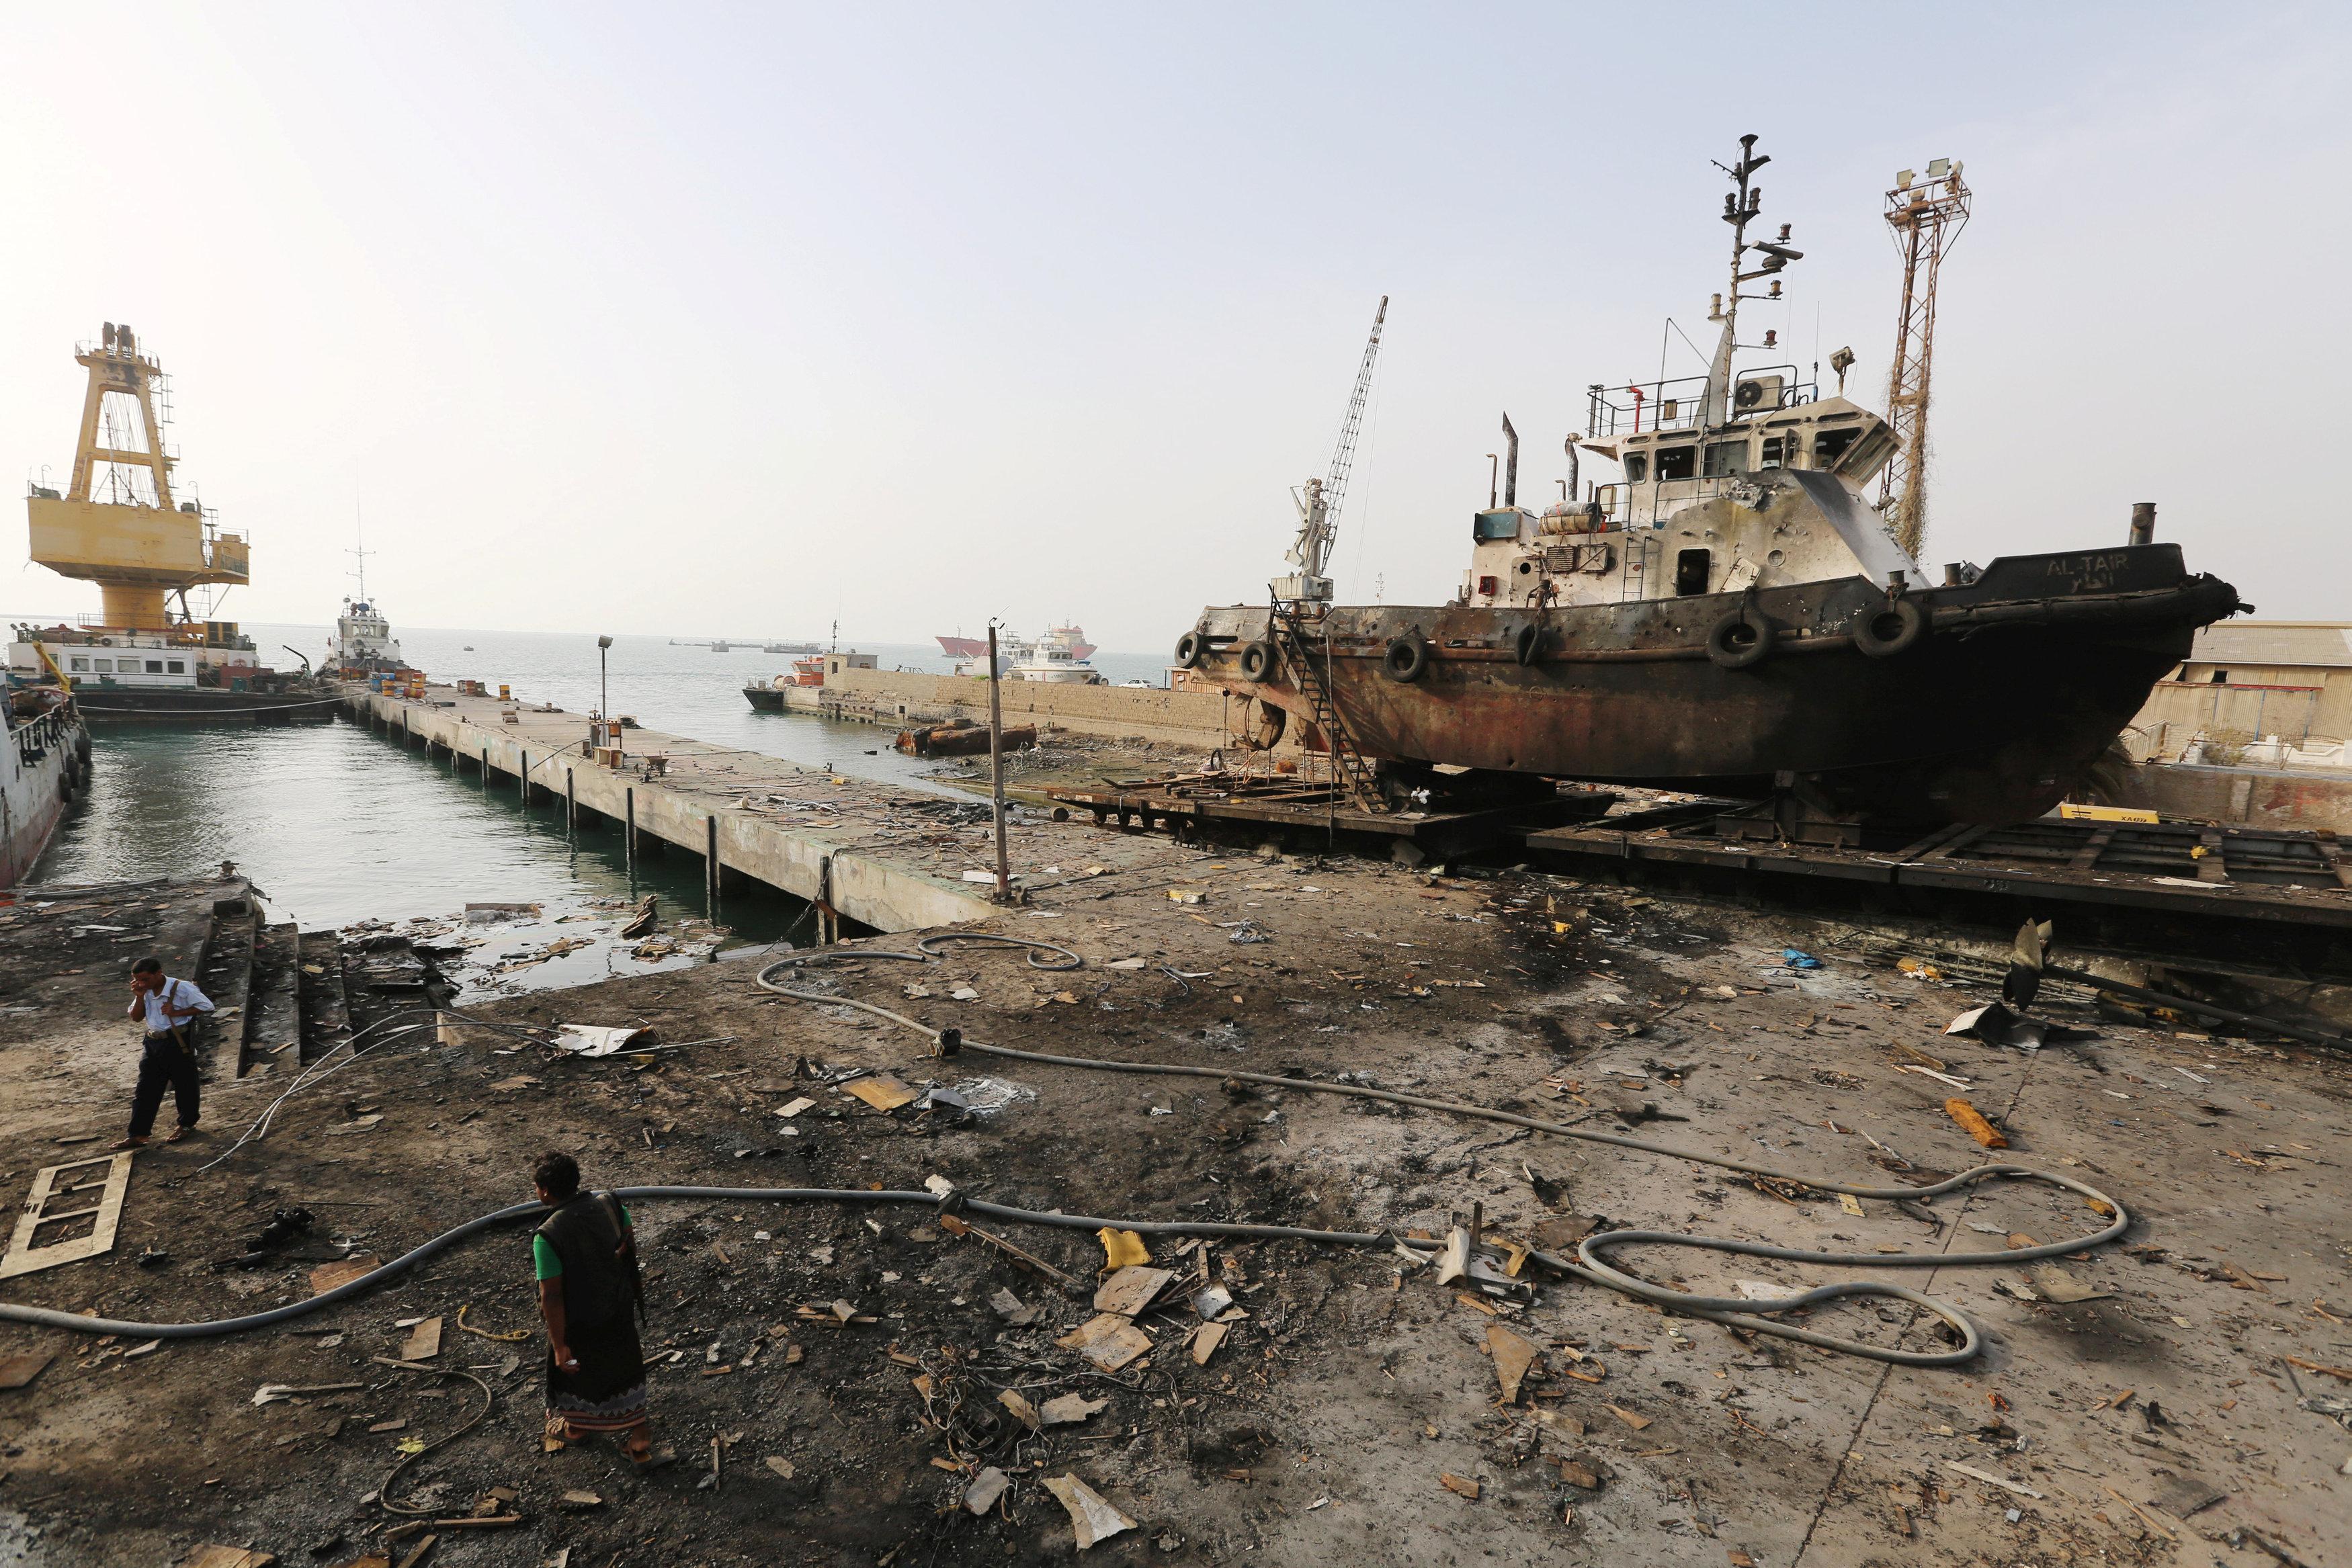 ONU: un projet de résolution appelle à une trêve à Hodeida, au